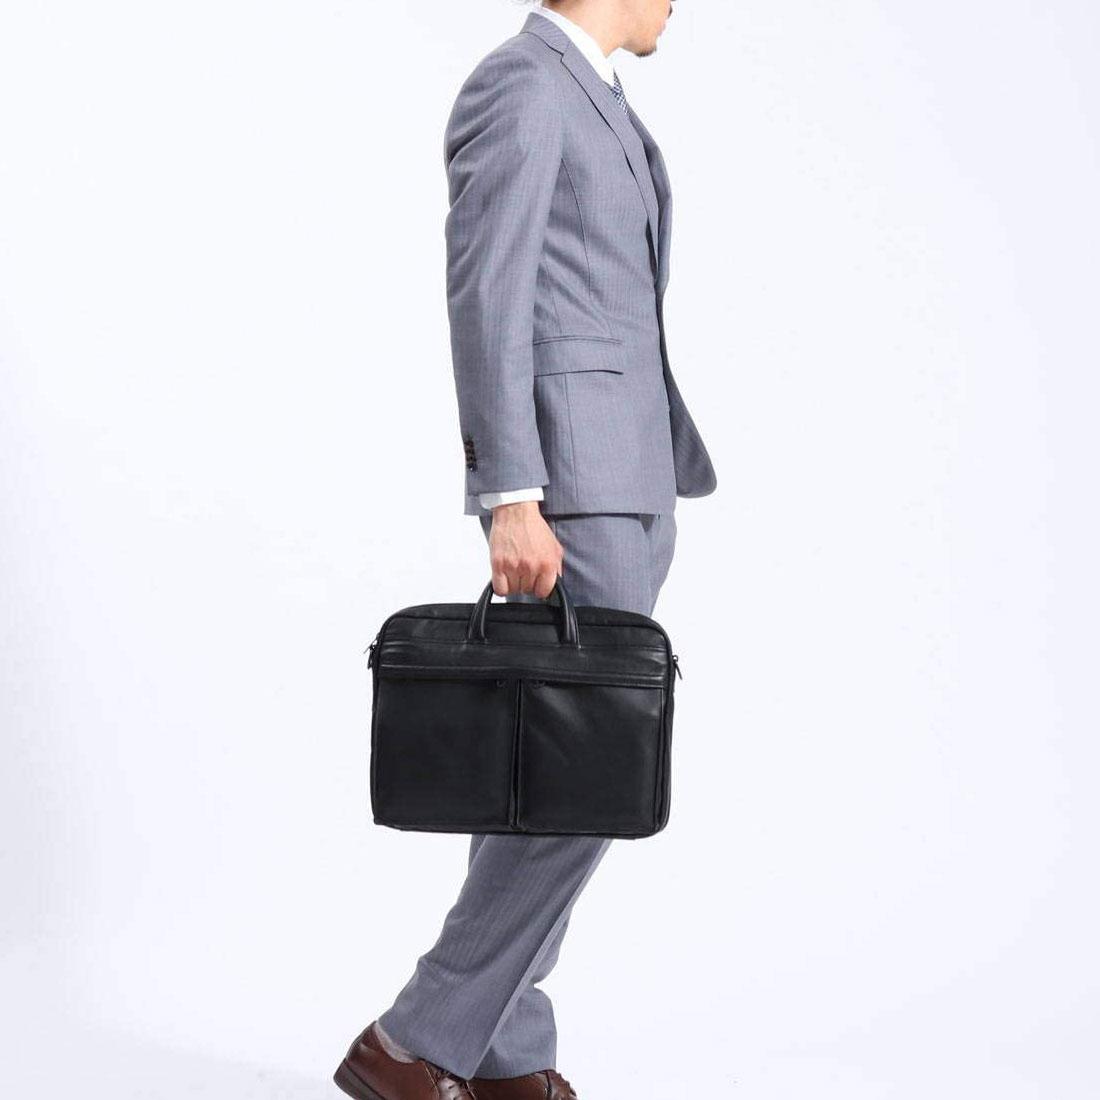 様々なビジネスシーンに対応する「ブリーフケース(ビジネスバッグ)ブランド」おすすめ3選!【2021年5月】 | ねとらぼ調査隊